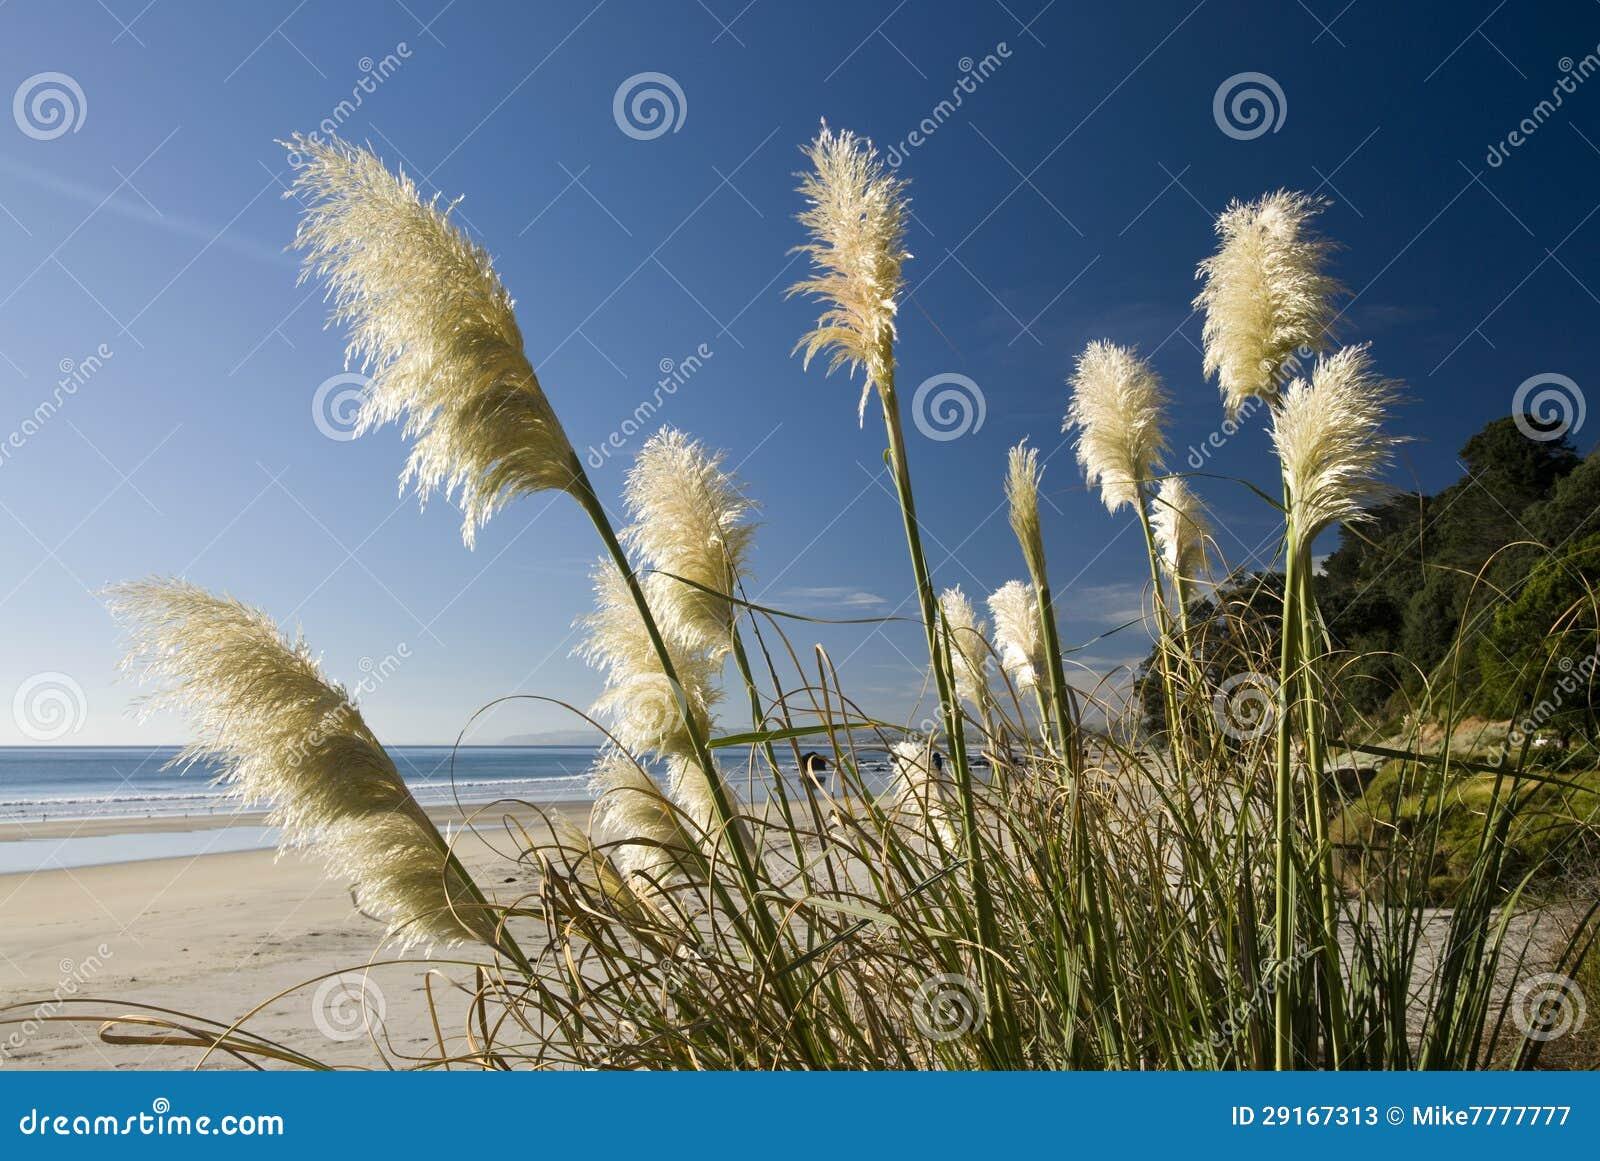 Toi Toi Anlage, Strand, Neuseeland. Stockbild - Bild von ...